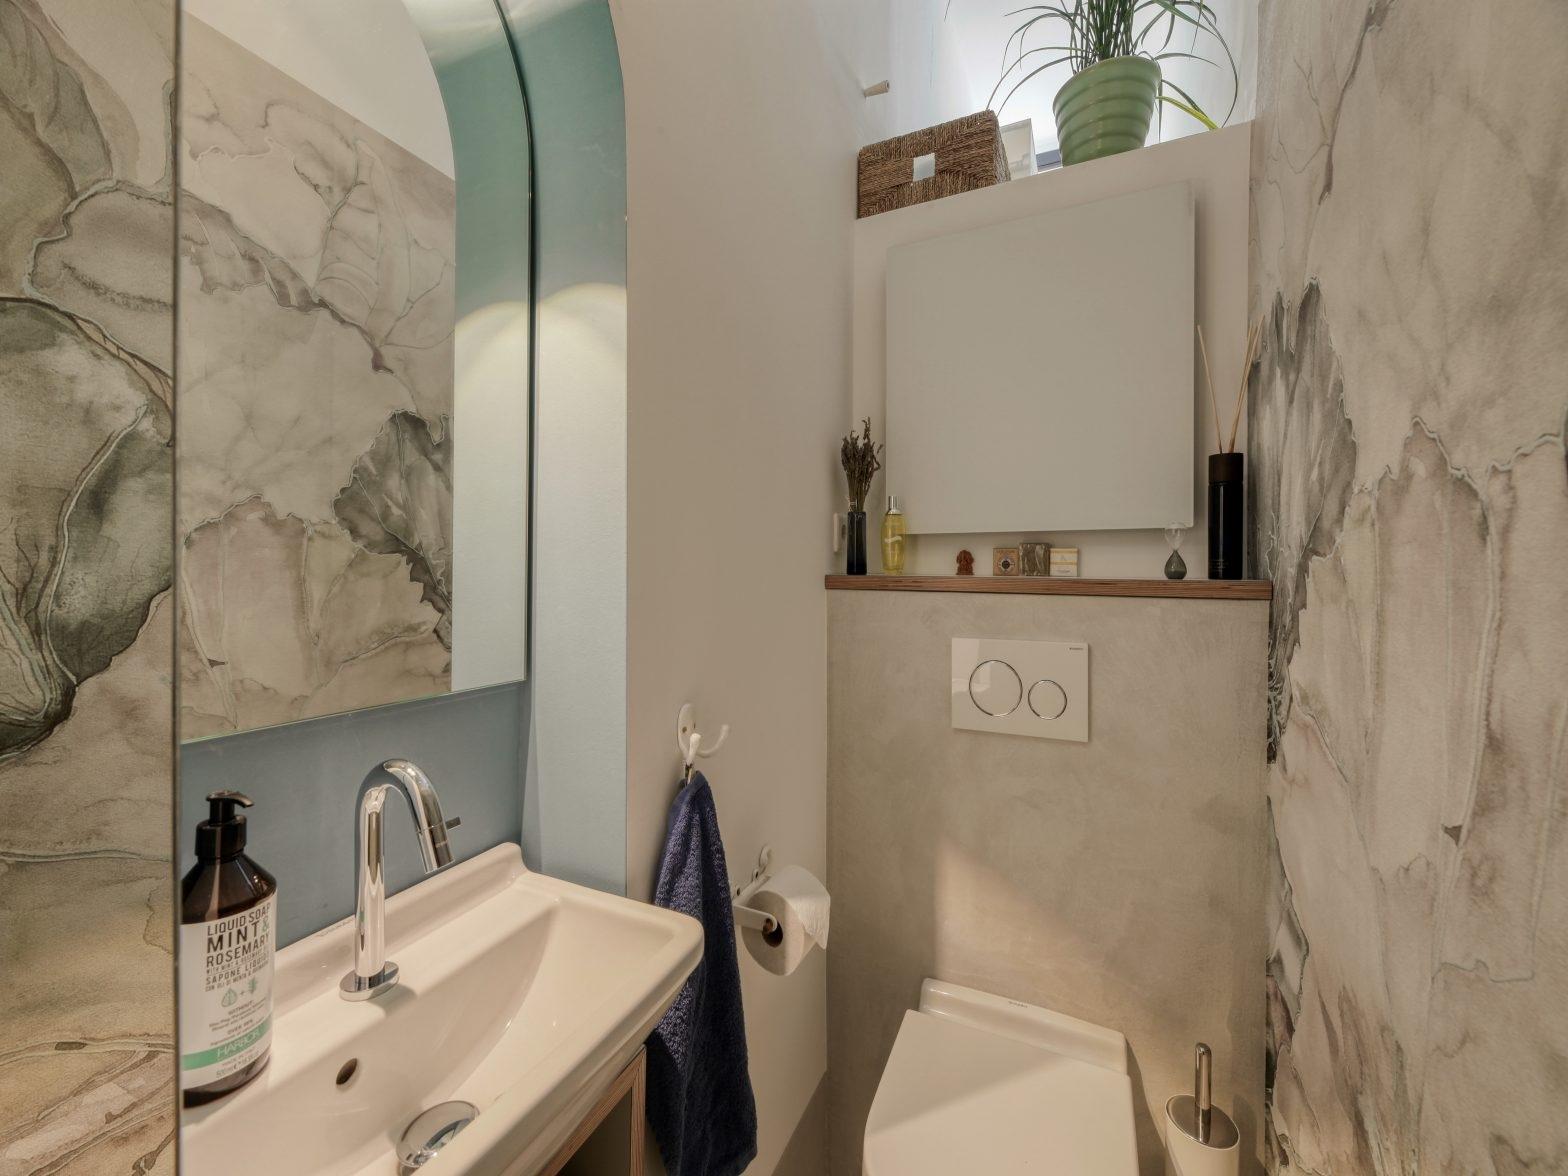 Seerosen im Spiegel - Nische mit Waschbecken